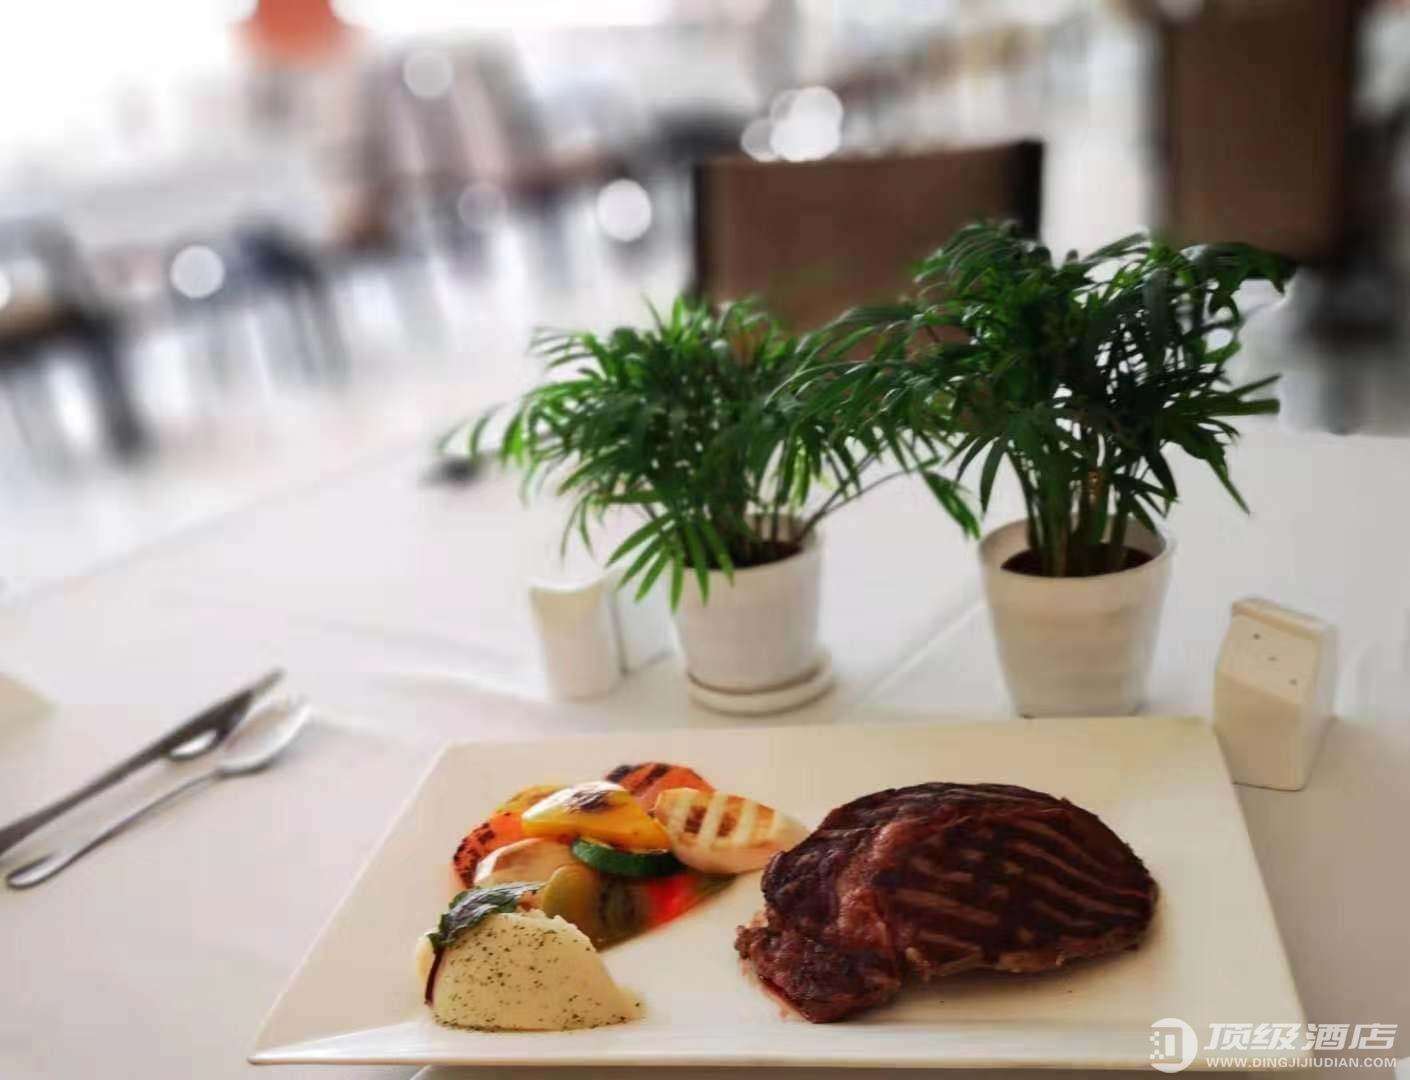 北京国际艺苑皇冠假日酒店安格斯扒房推出西式特惠午餐